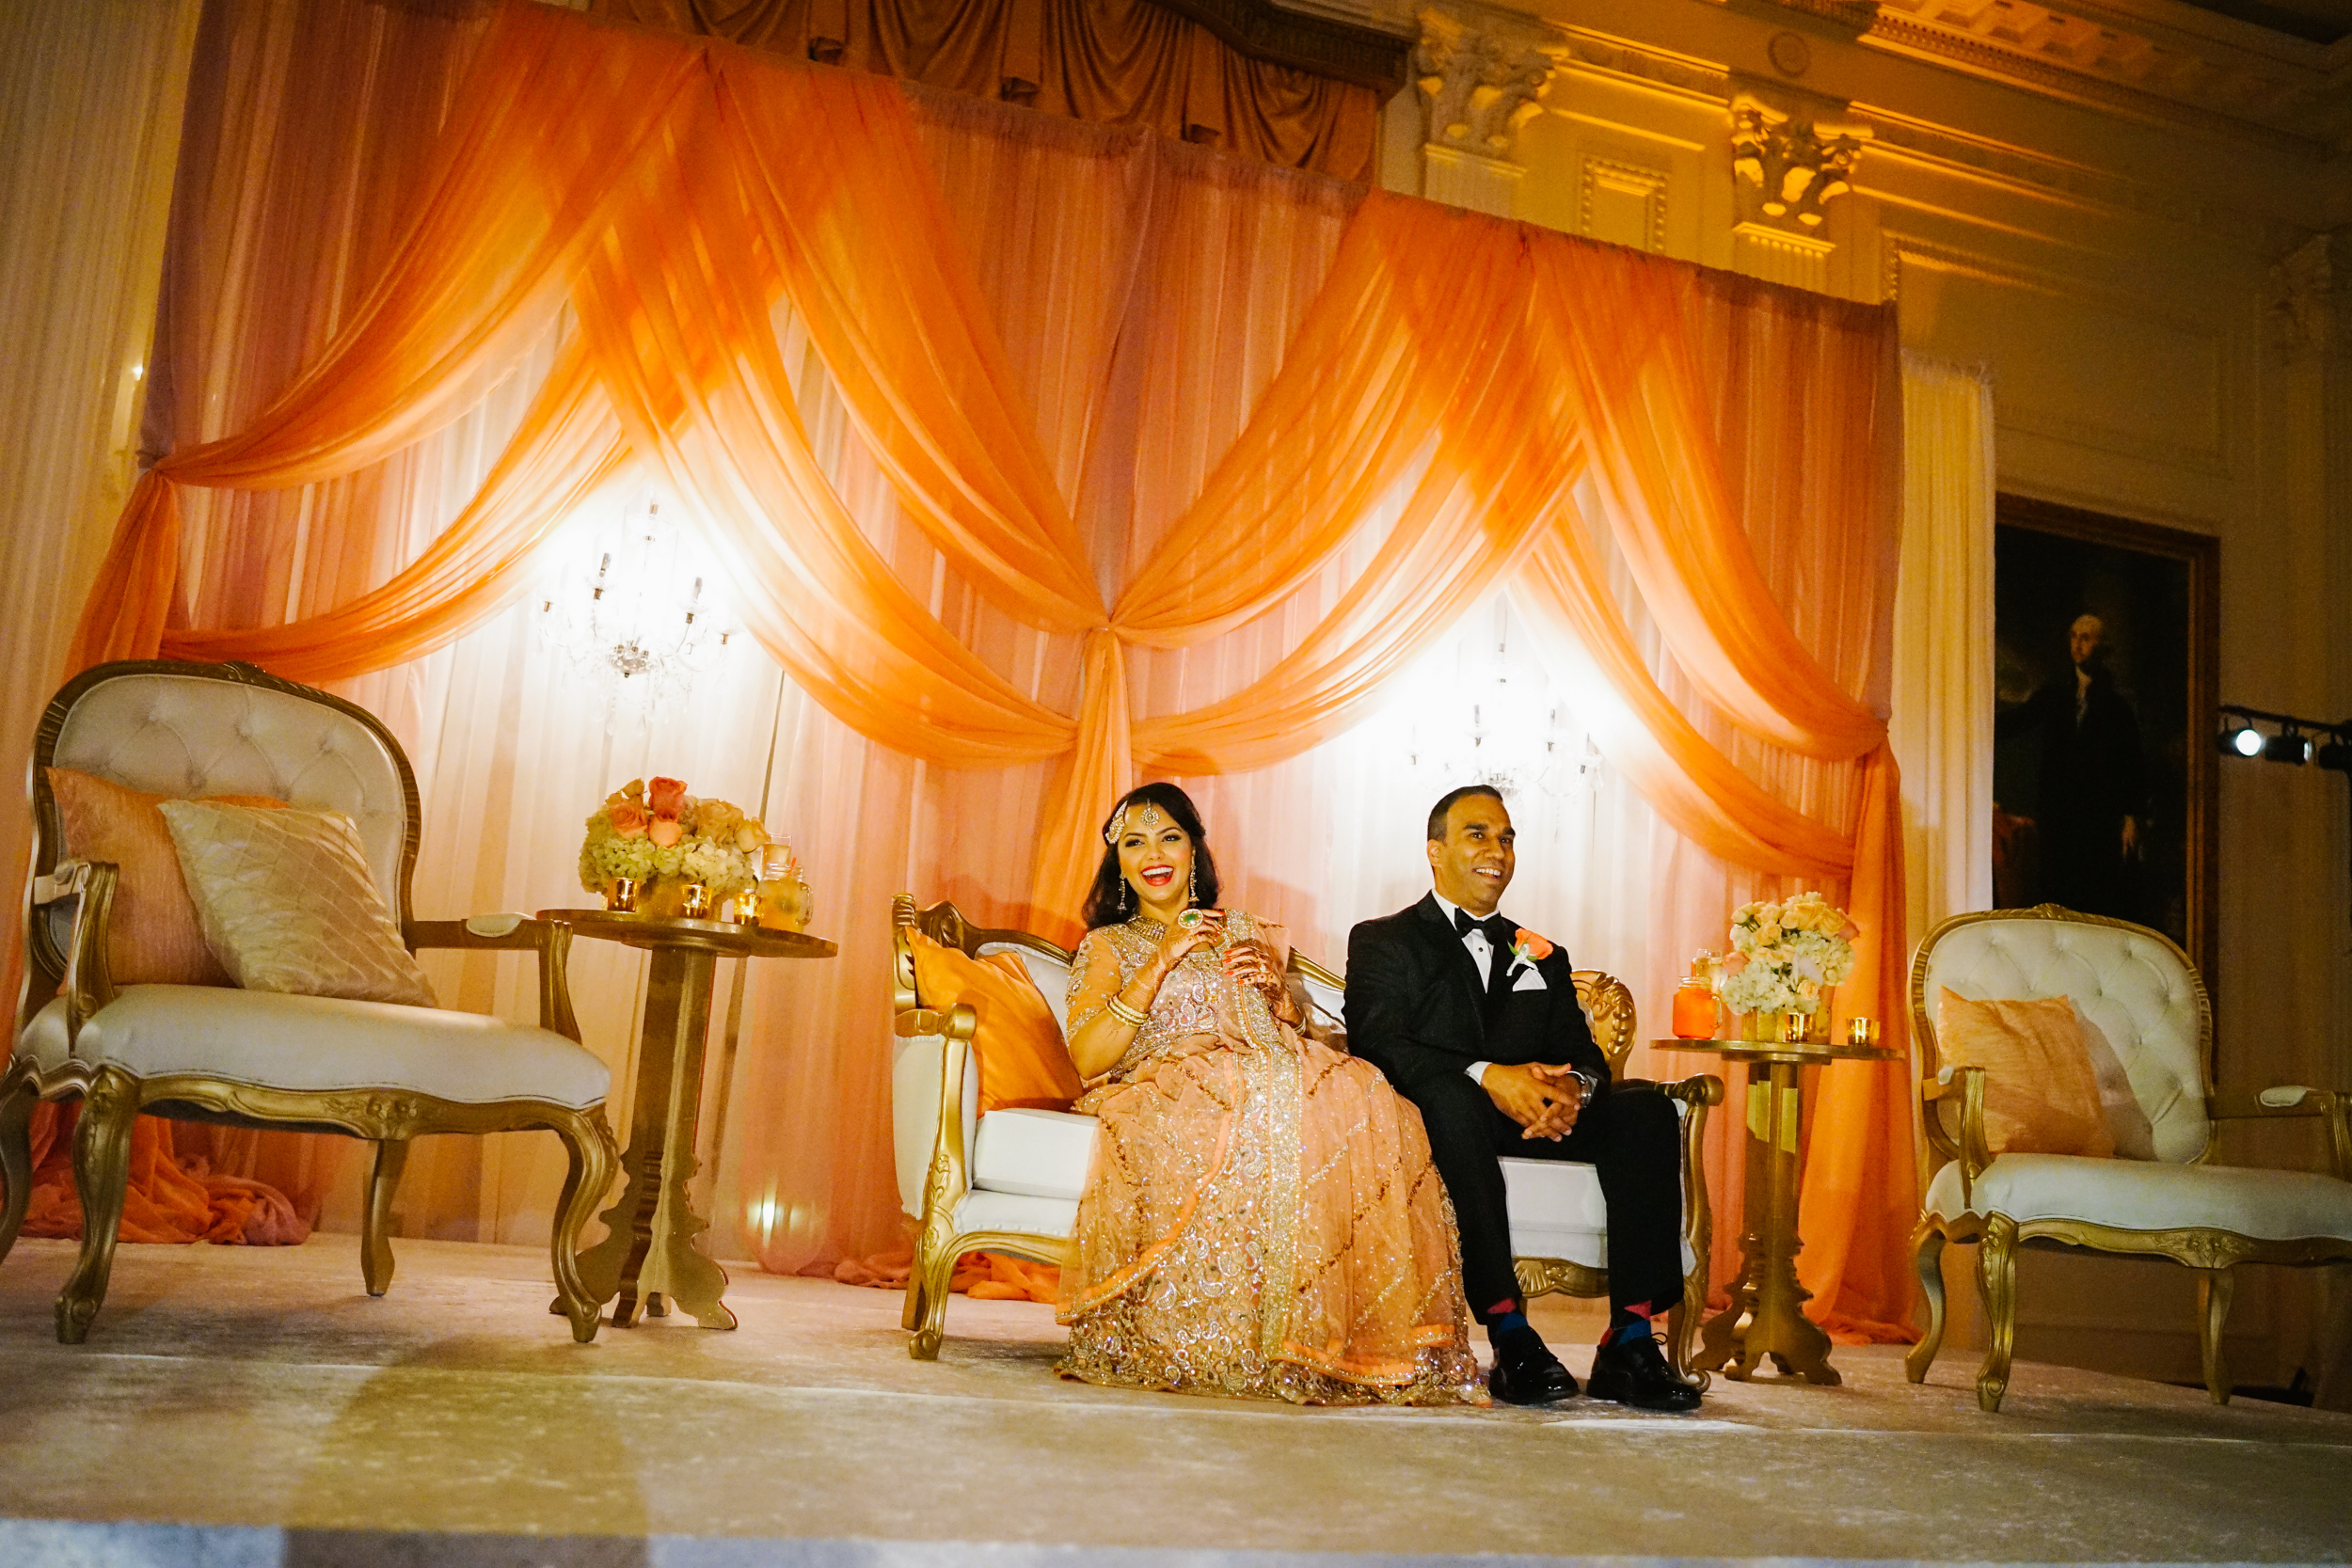 JKP_Indian_Weddings_0052.JPG